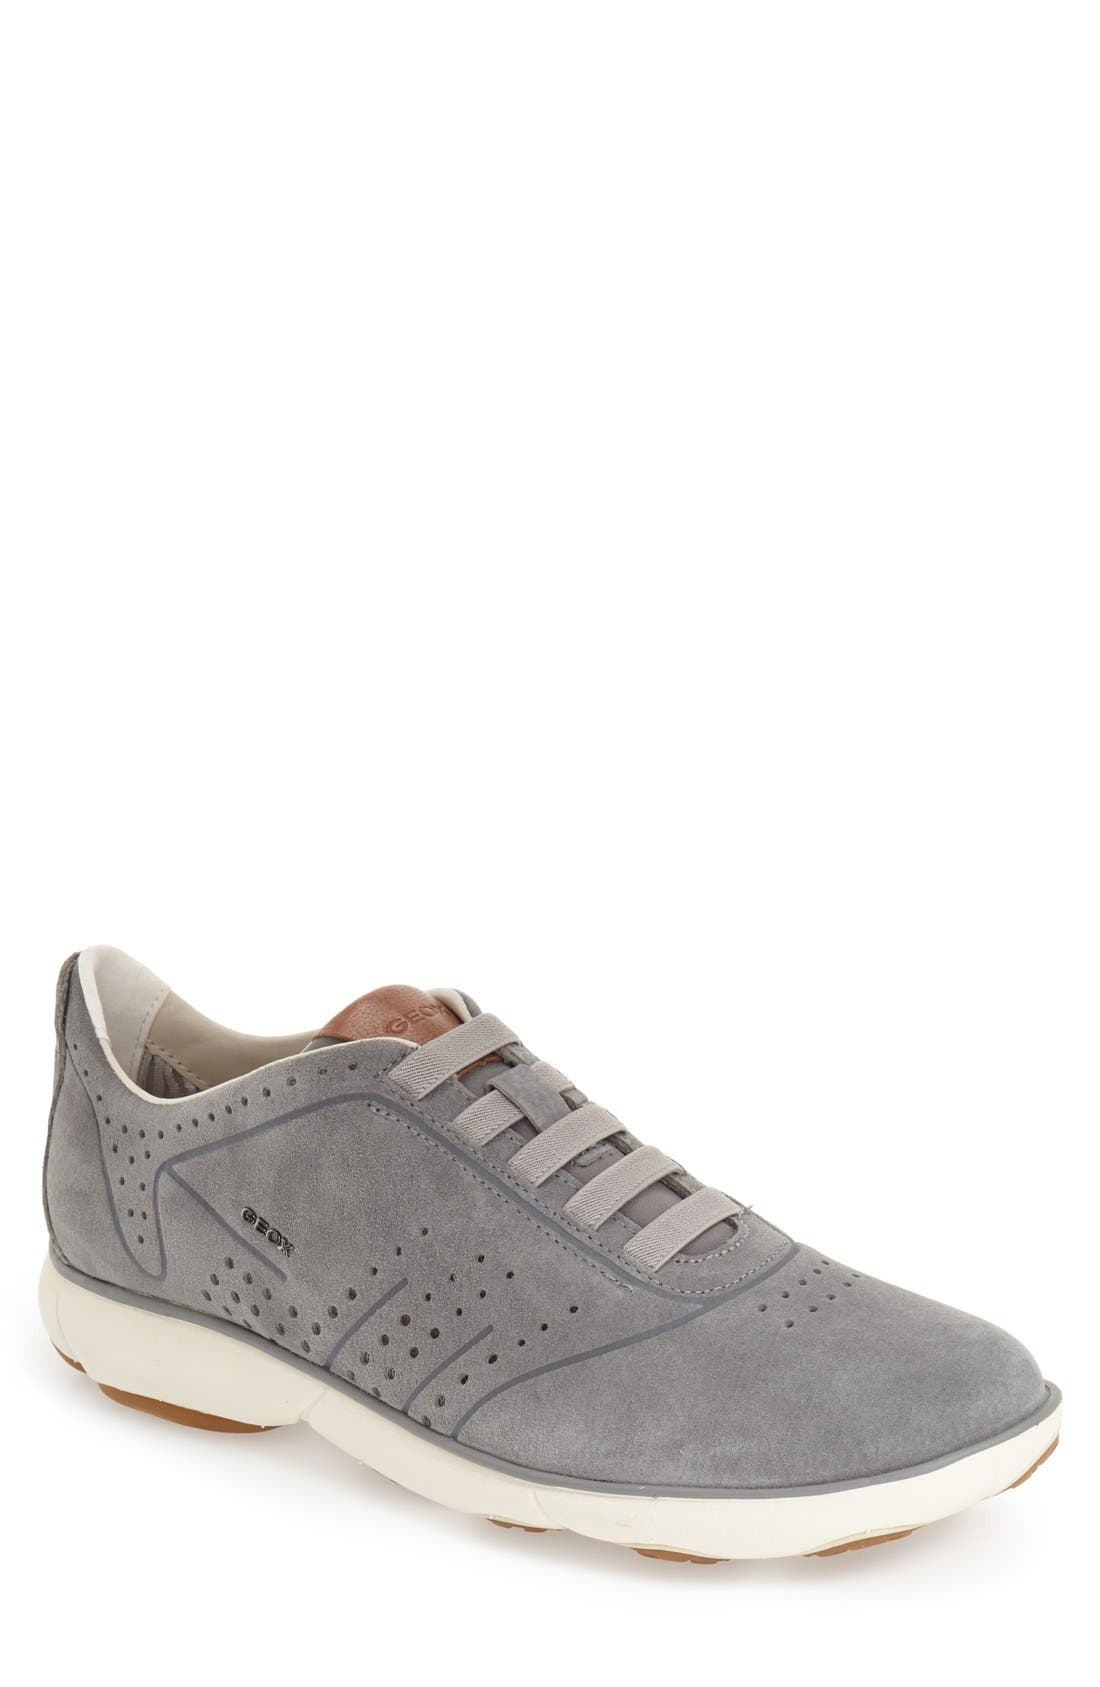 GEOX 'Nebula 22' Slip-On Sneaker